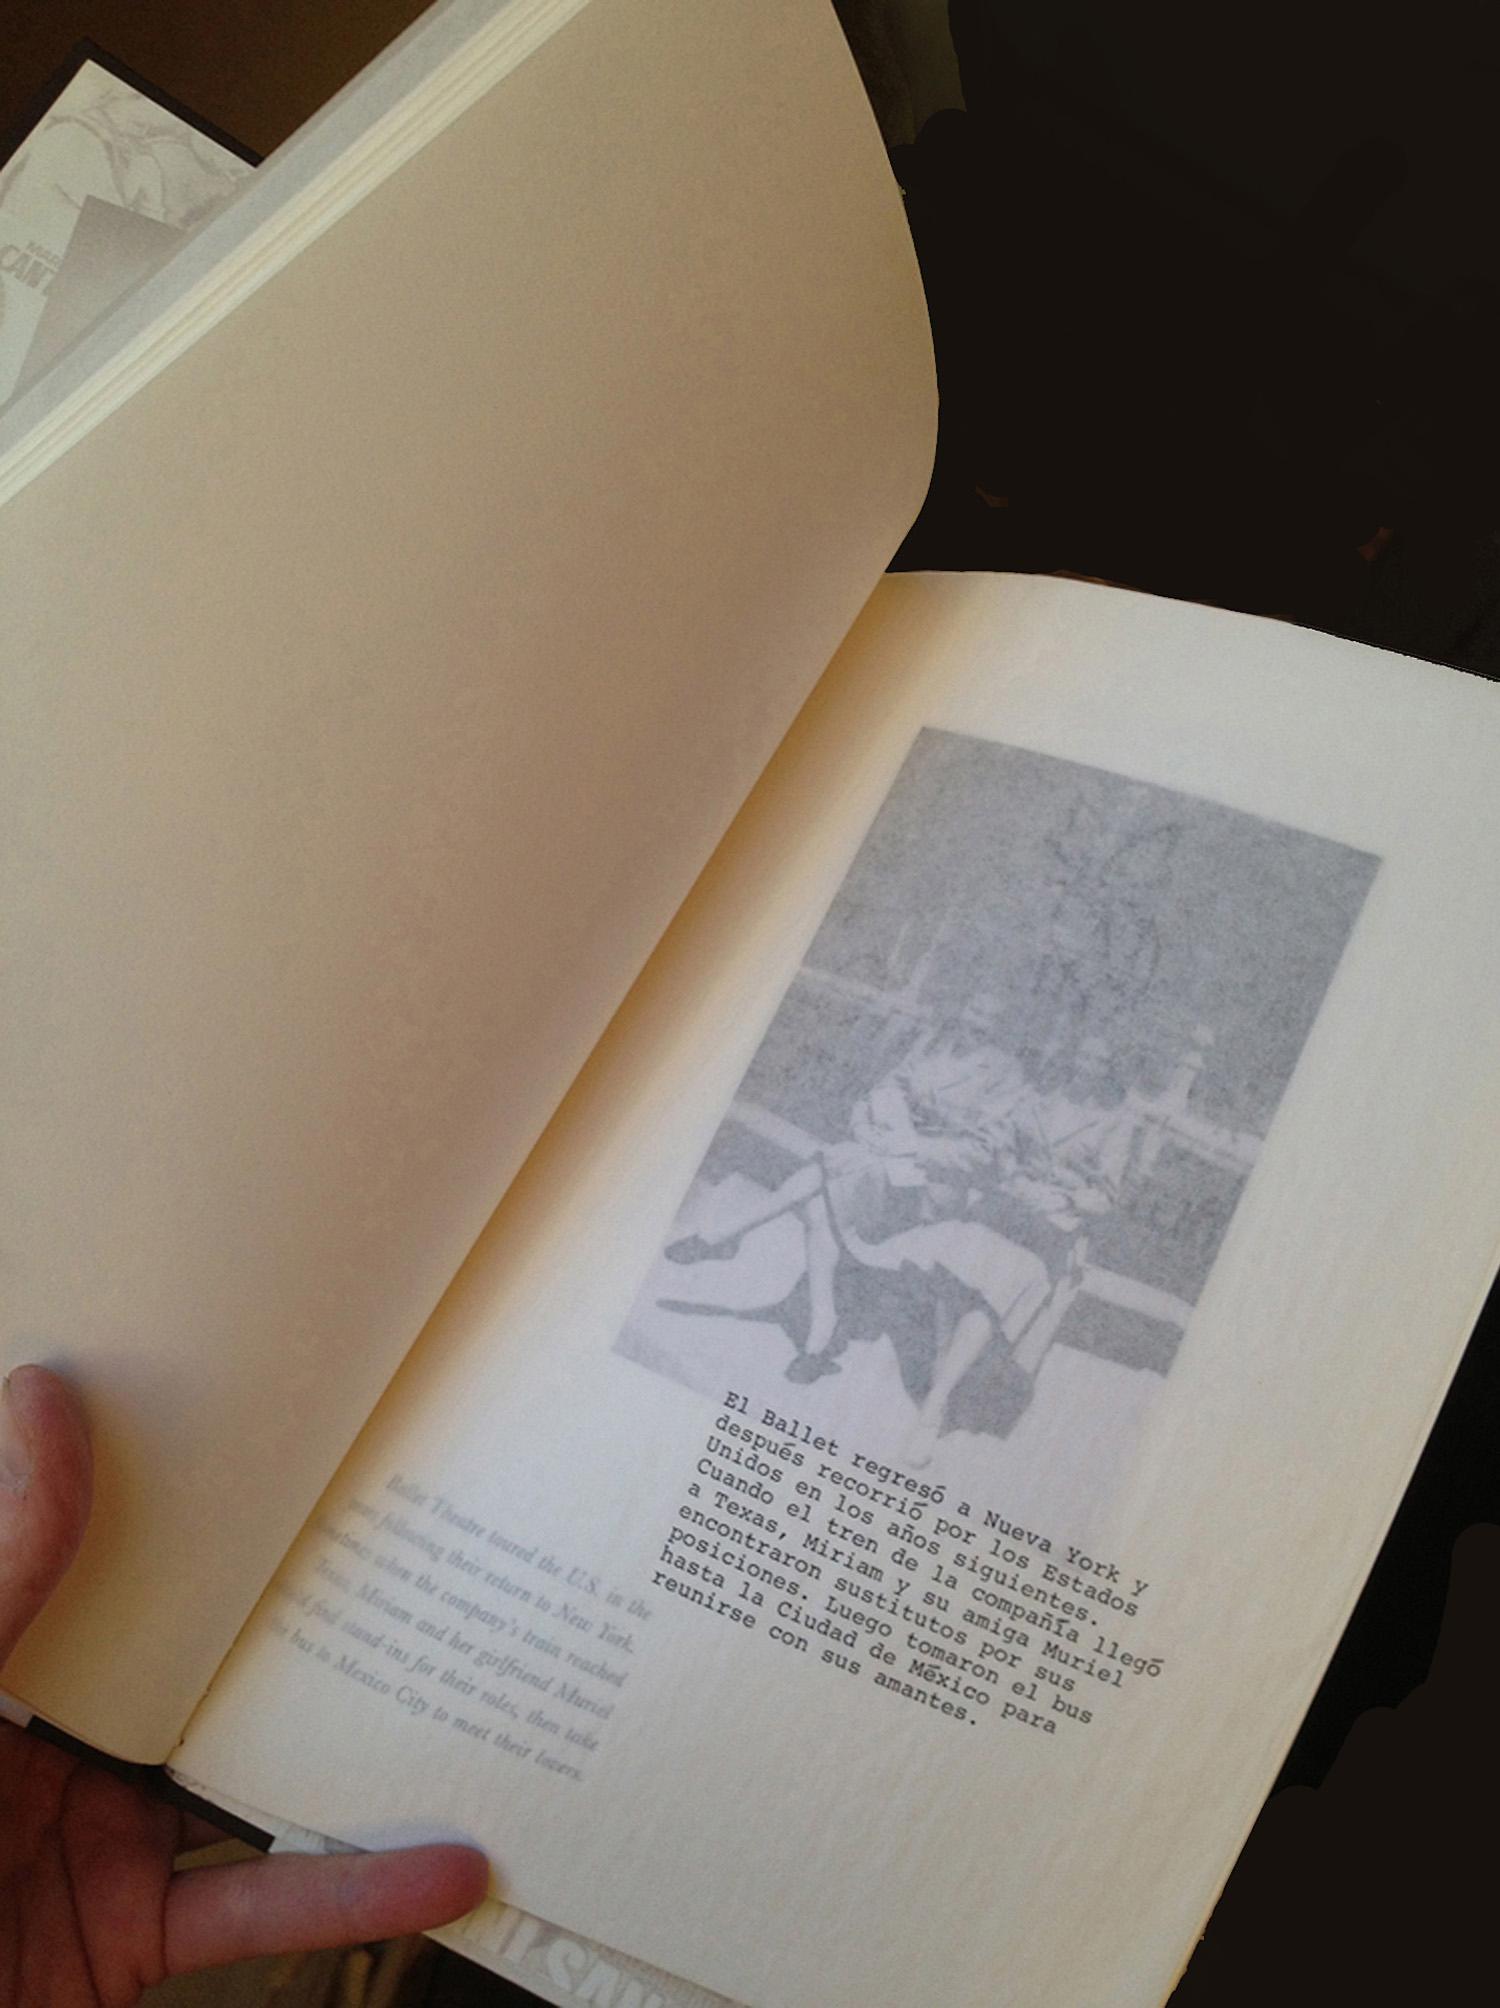 el torero open book page 1_no border.jpg